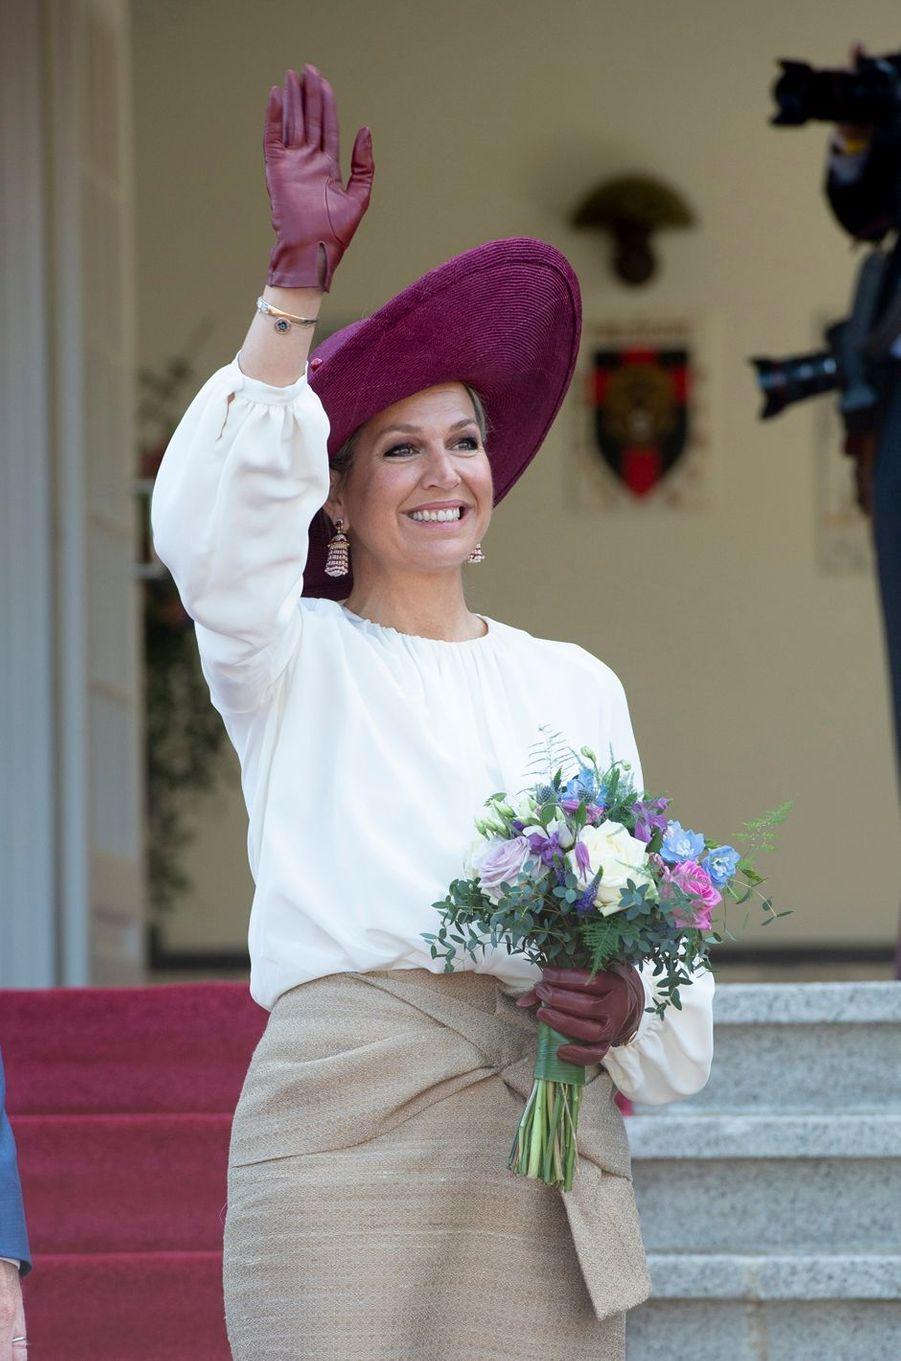 La reine Maxima des Pays-Bas en visite à Opheusden en Betuwe, le 29 mai 2019